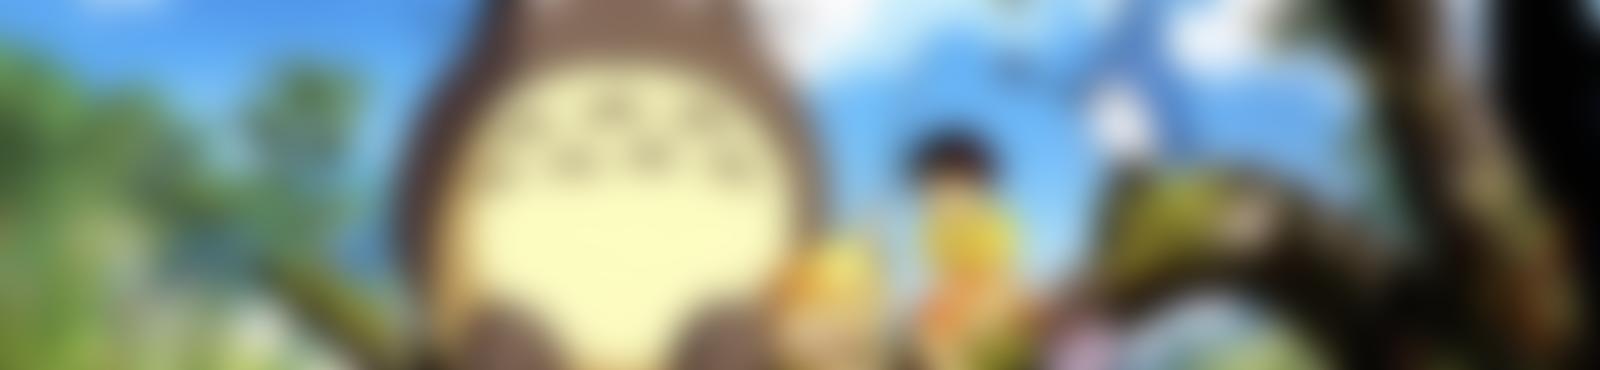 Blurred 76b80aa9 adfb 452f 8a10 1180bac7f860